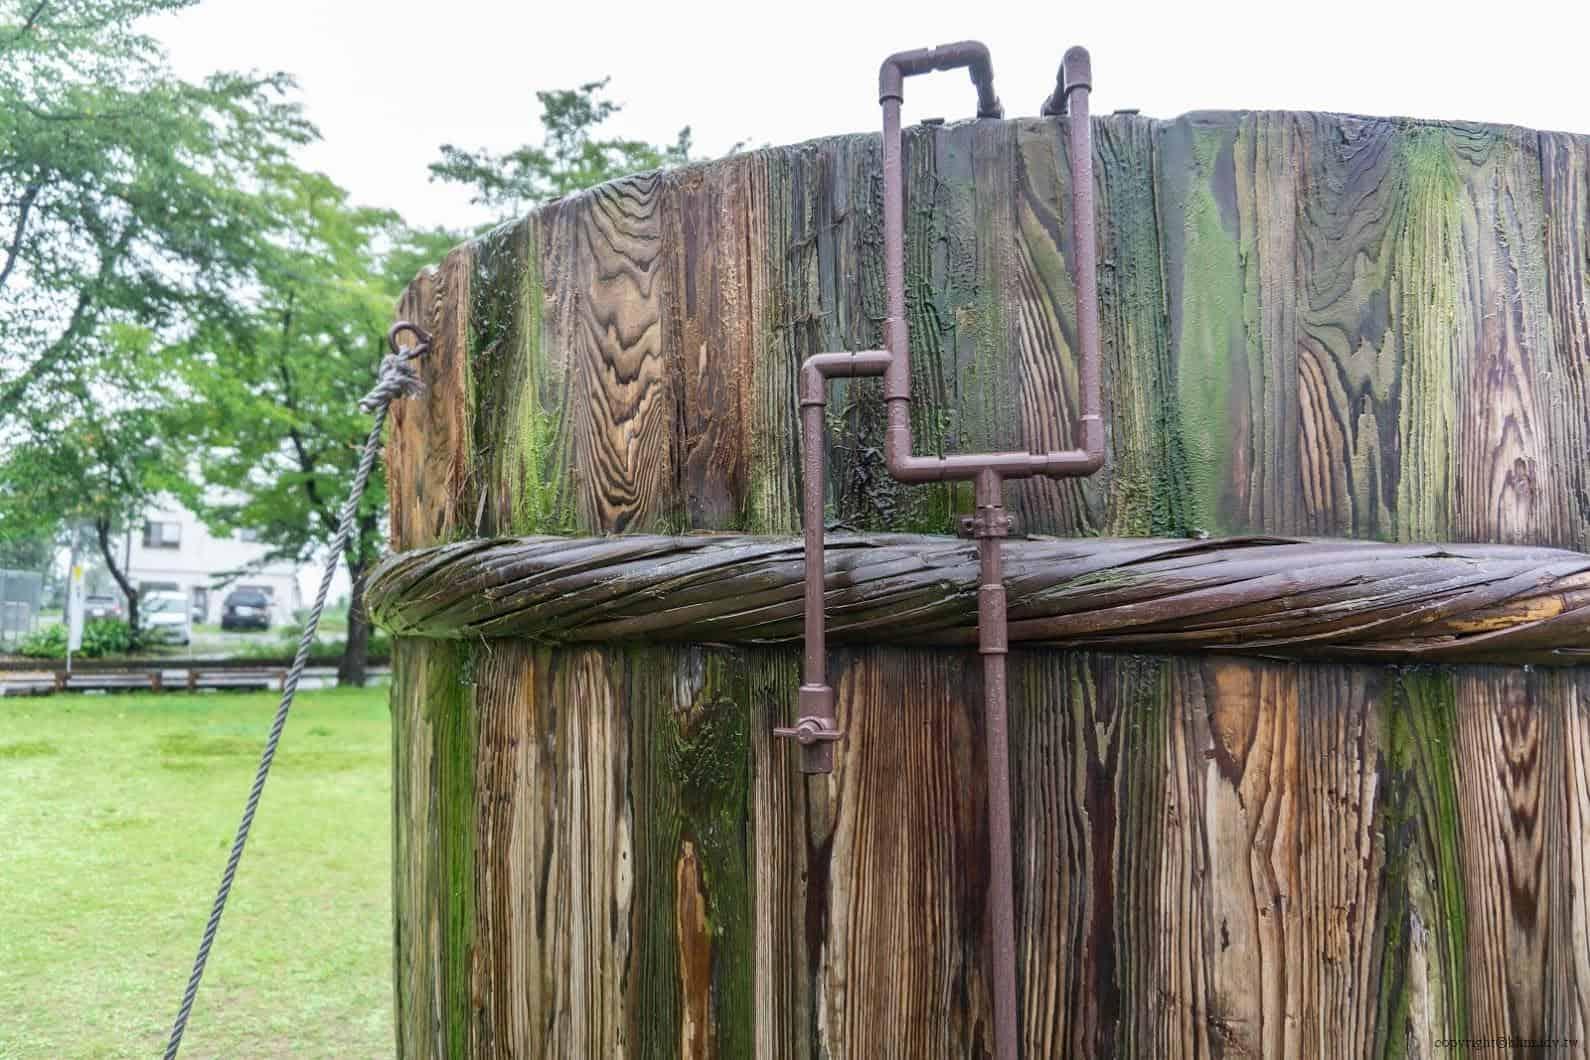 田口行弘,送水,戶外裝置藝術部分則製作了巨大木桶,一旁放置引水裝置 越後妻有 送水 okurimizu 04